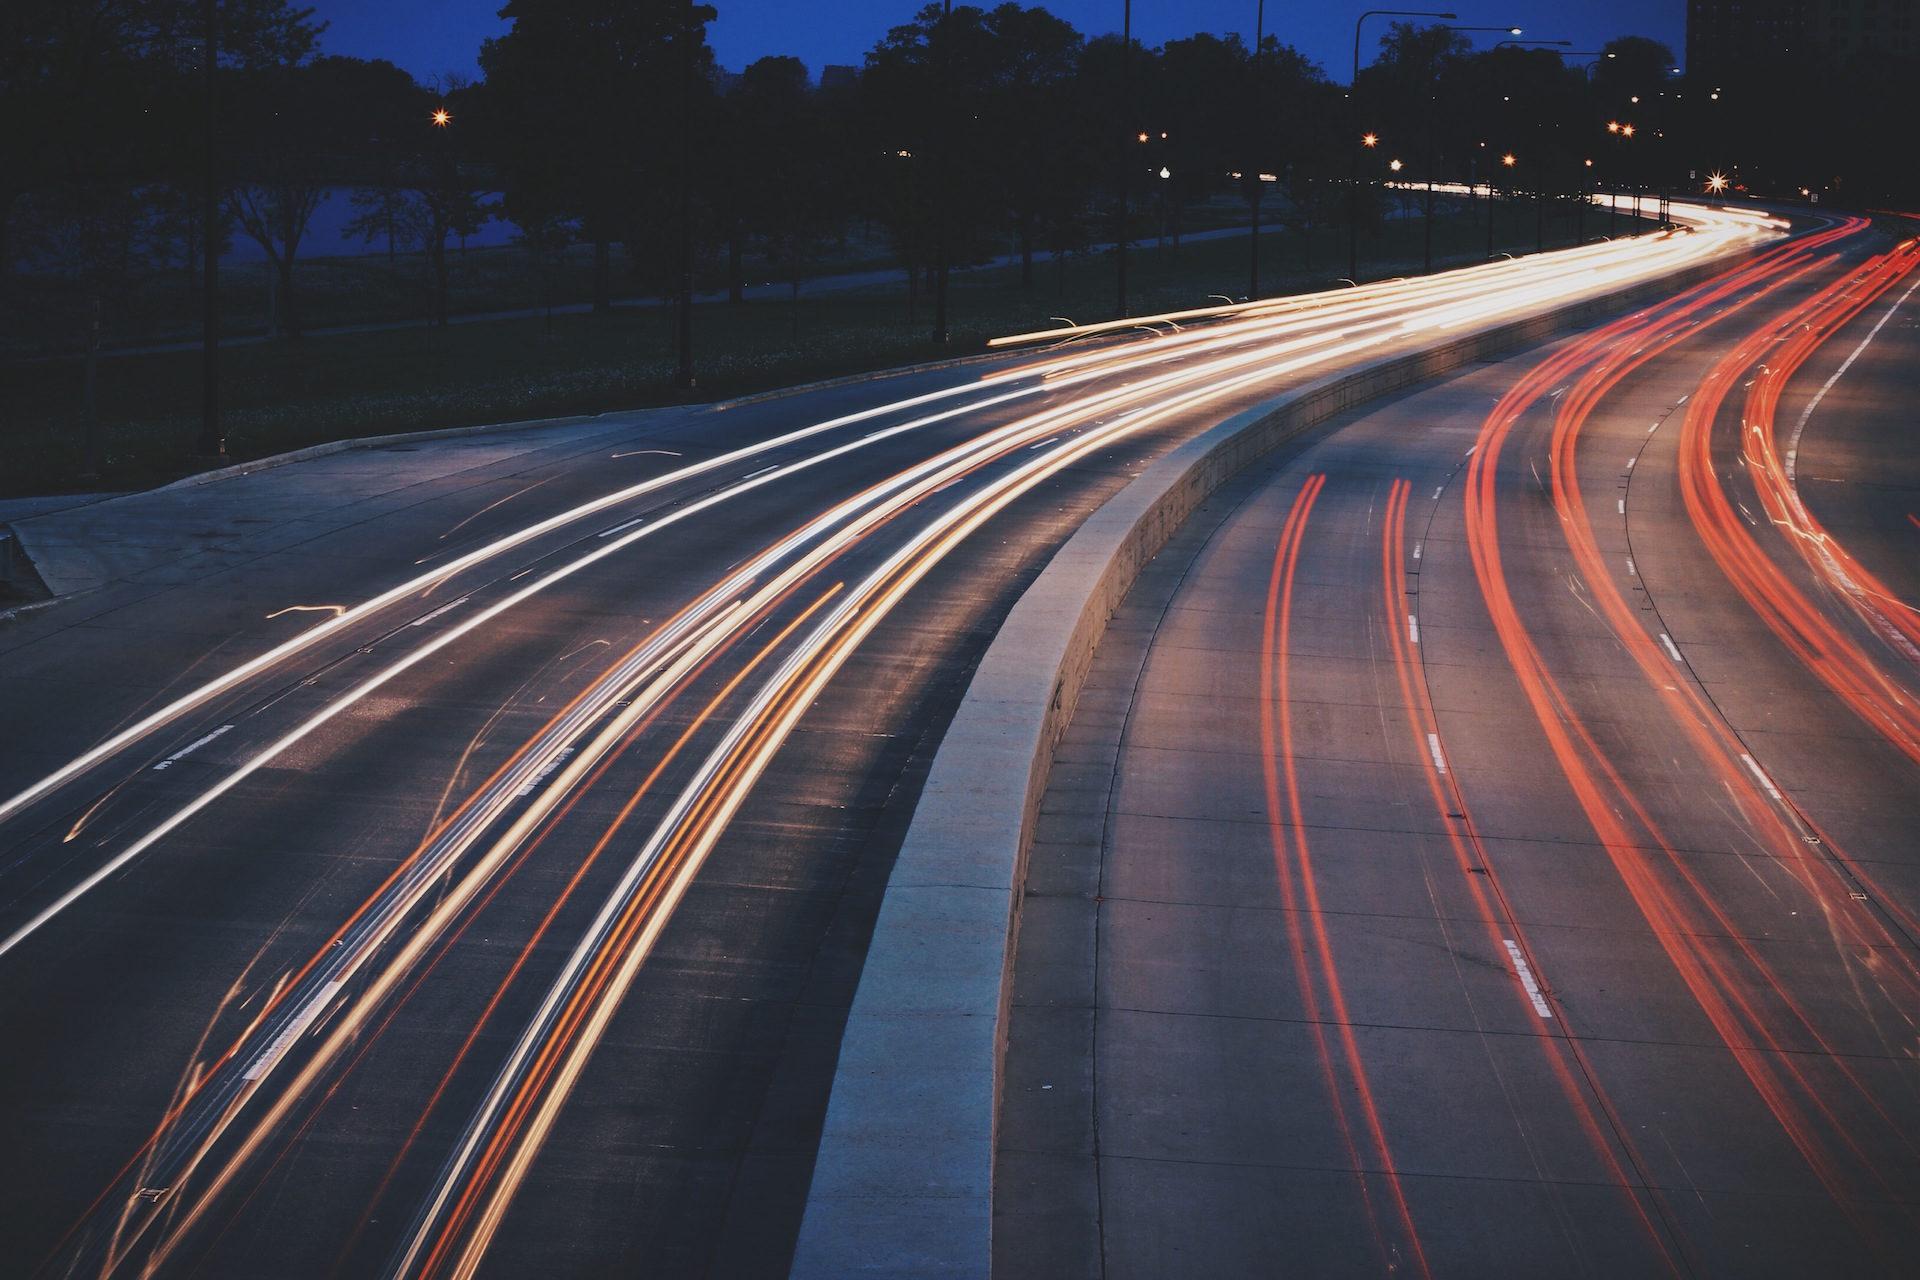 交通, 晚上, 汽车, 灯, 晕 - 高清壁纸 - 教授-falken.com